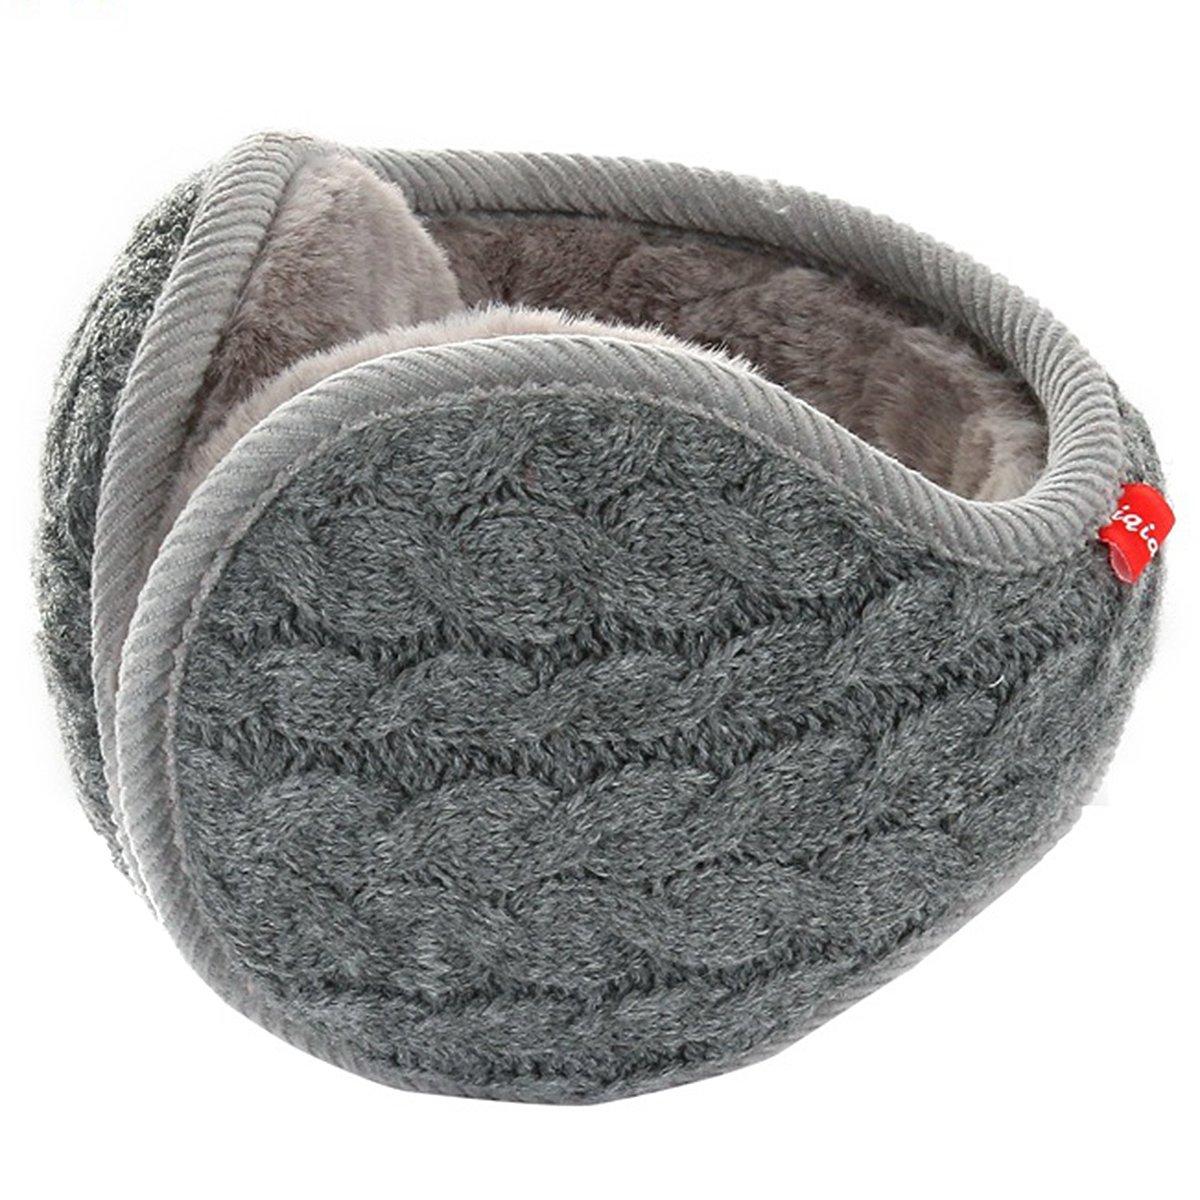 Butterme Unisex Knit Foldable EarMuffs Pl/üsch Samt Ohrensch/ützer Winterzubeh/ör Outdoor Ohrensch/ützer f/ür Herren /& Damen Gelb